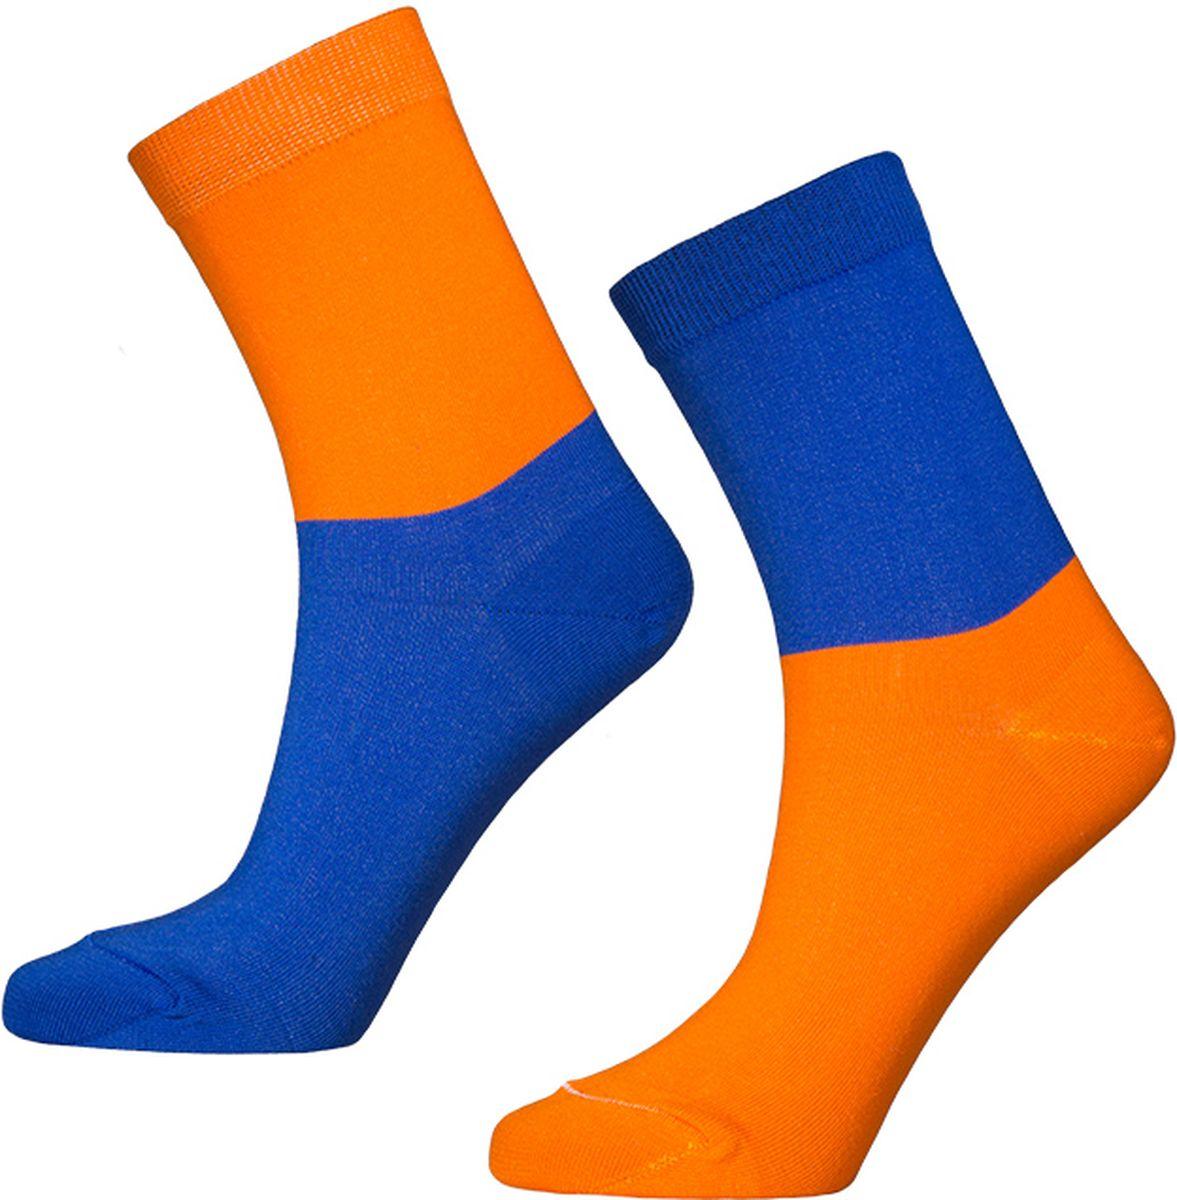 Носки мужские Big Bang Socks, цвет: оранжевый, васильковый, 2 пары. d481. Размер 40/44d481Яркие носки Big Bang Socks изготовлены из высококачественного хлопка с добавлением полиамидных и эластановых волокон, которые обеспечивают великолепную посадку. Носки отличаются ярким стильным дизайном. На правом и левом носке рисунки не симметричены.Удобная резинка идеально облегает ногу и не пережимает сосуды, усиленныепятка и мысок повышают износоустойчивость носка, а удлиненный паголенокпридает более эстетичный вид. Дизайнерские носки Big Bang Socks - яркая деталь в вашем образе и оригинальныйподарок для друзей и близких.В комплекте две пары носков.